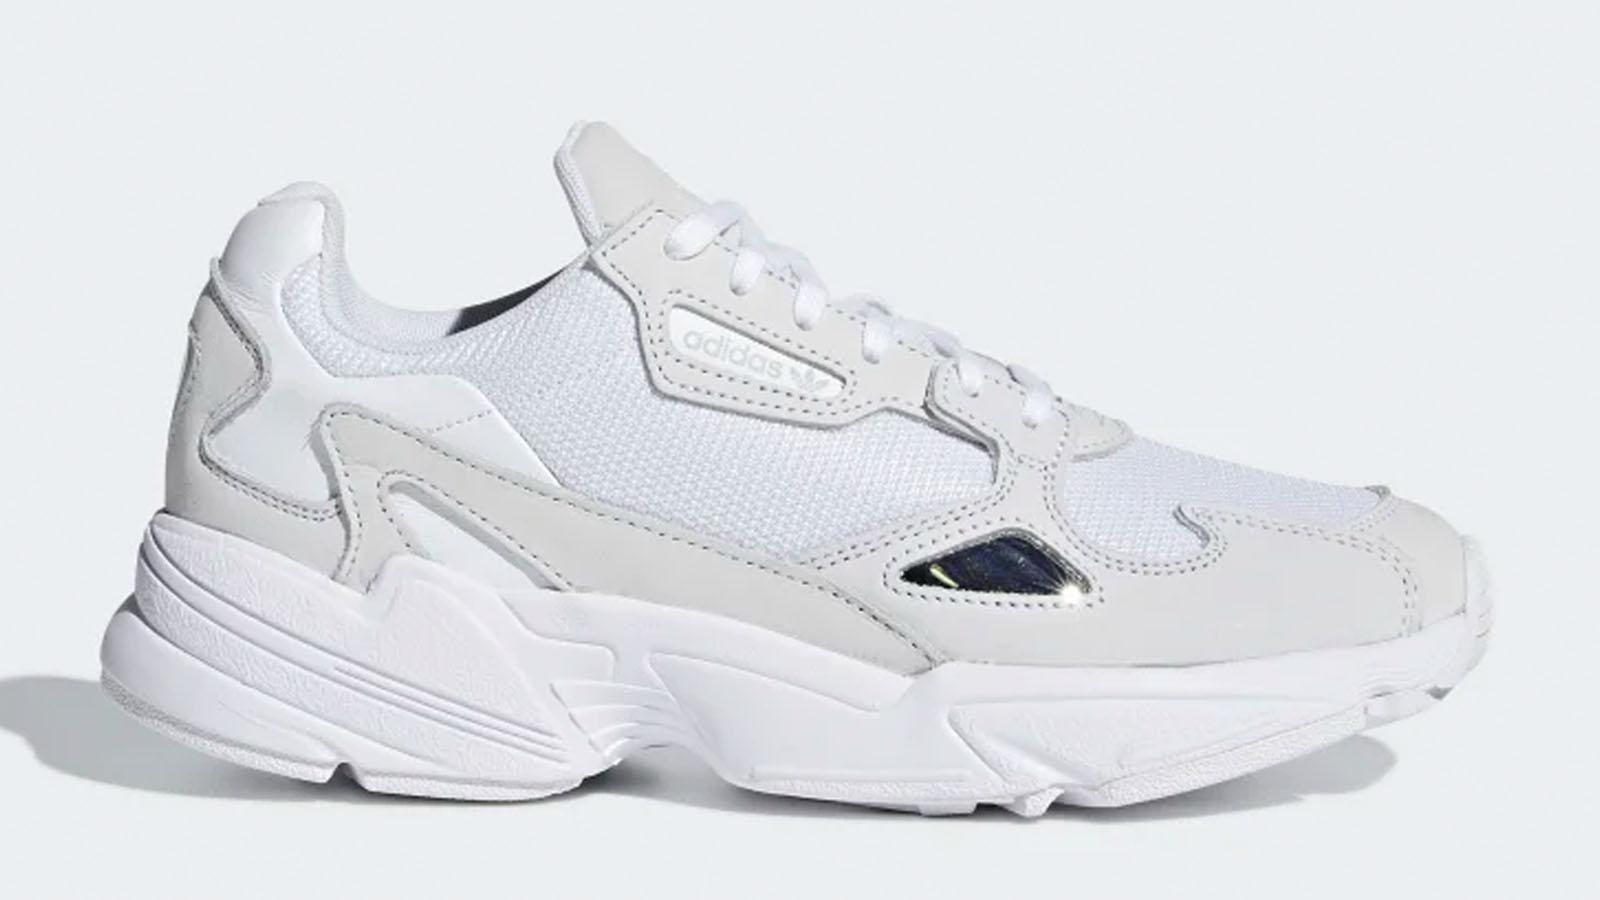 adidas triple white falcon